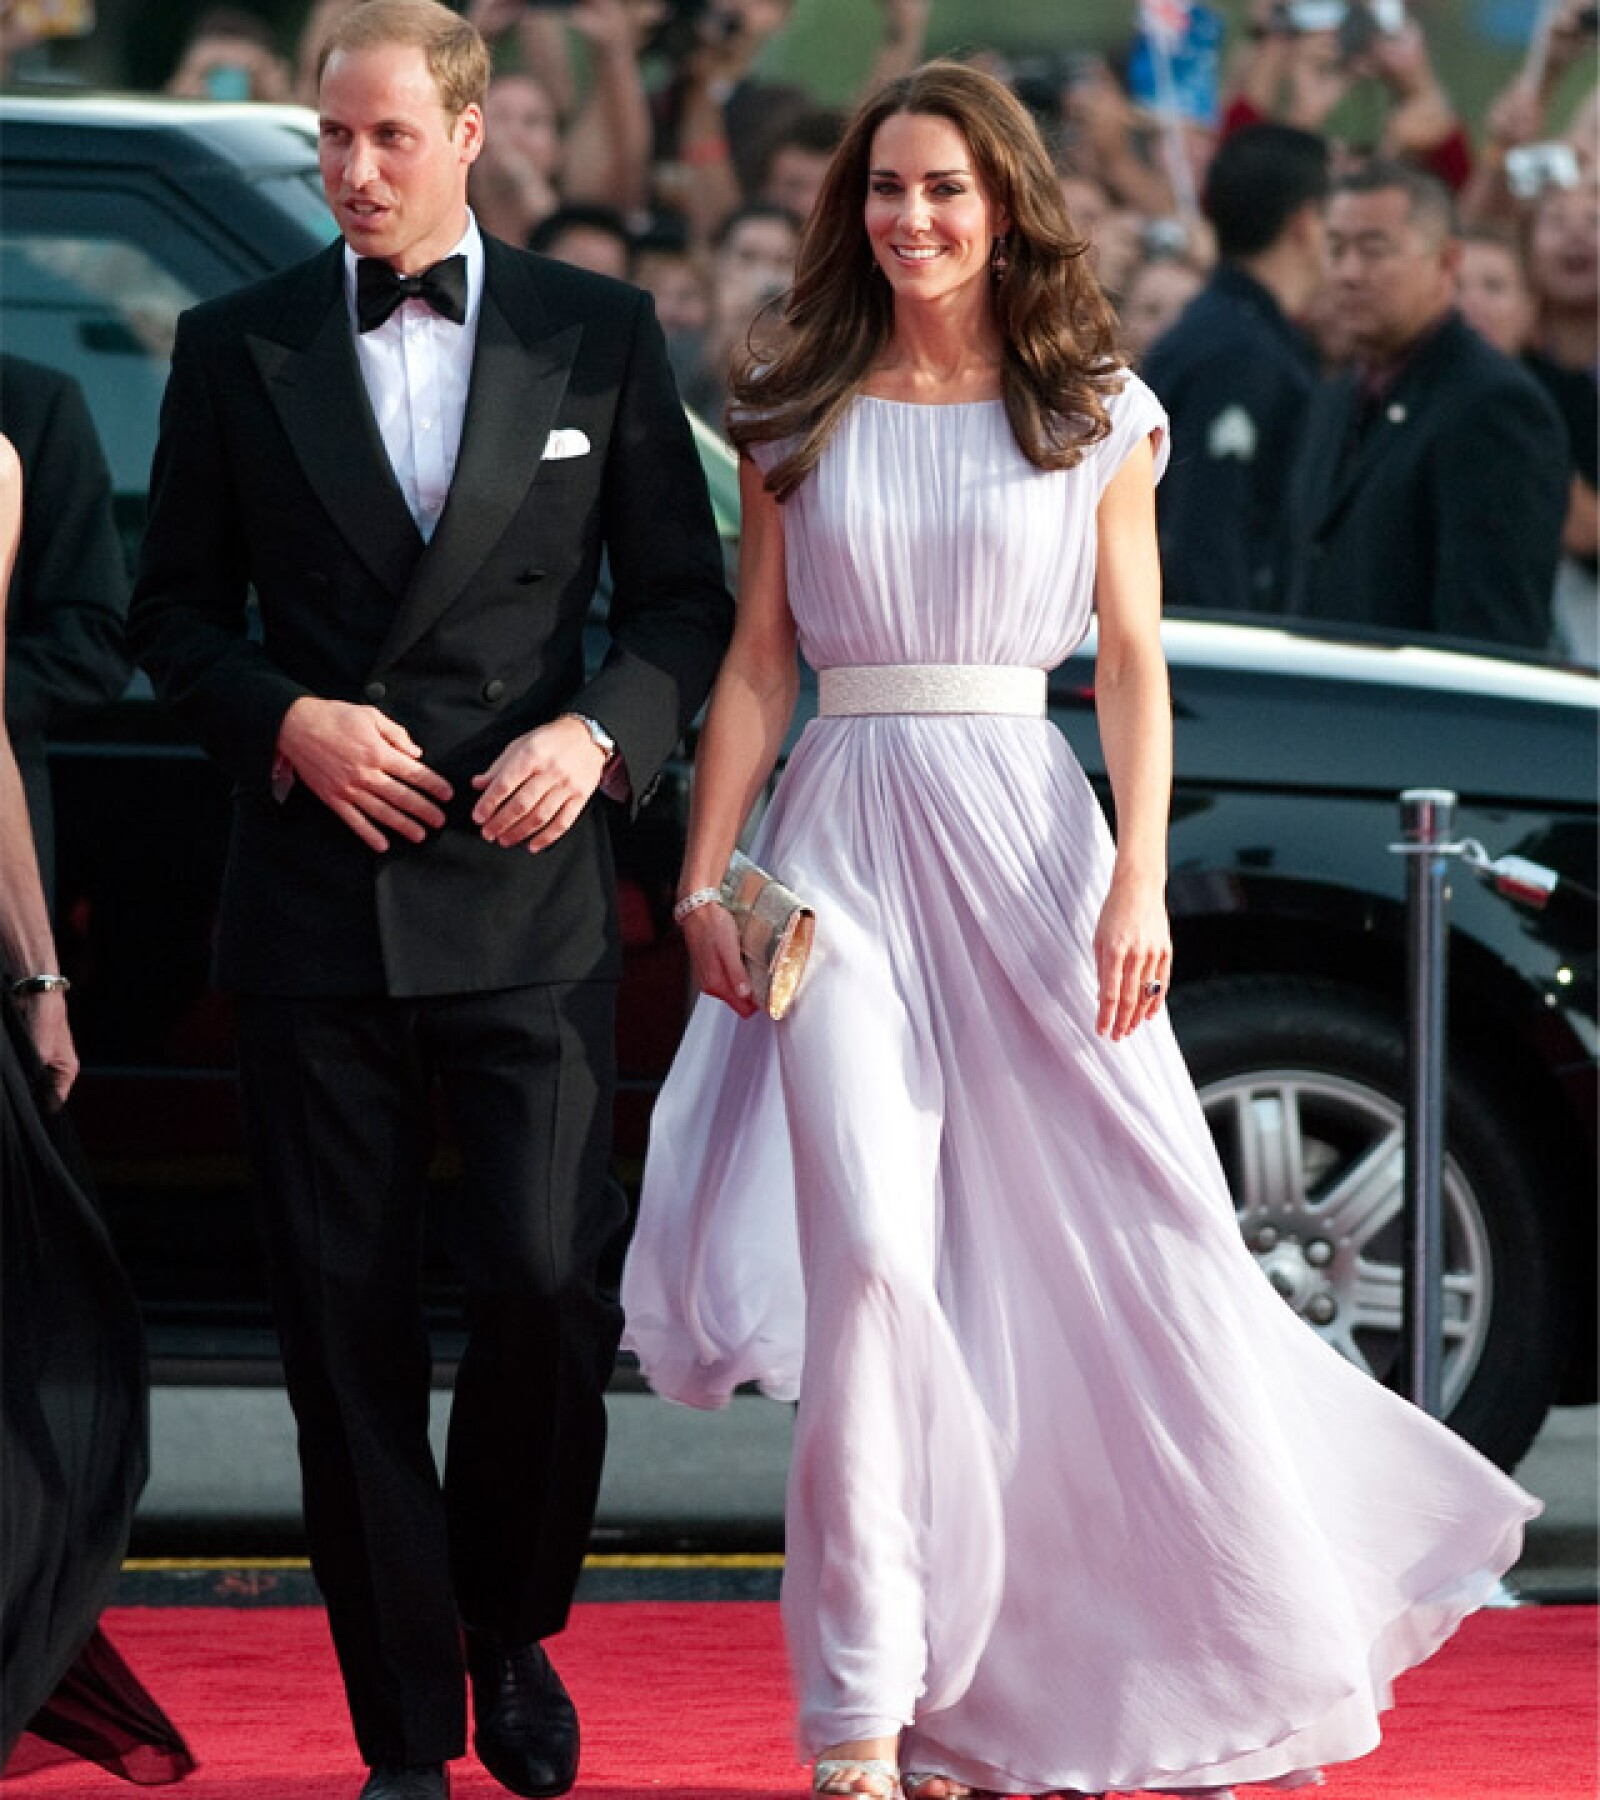 La duquesa de Cambridge eligió un vestido plisado para su primera aparición en una alfombra roja en los premios BAFTA de 2011.